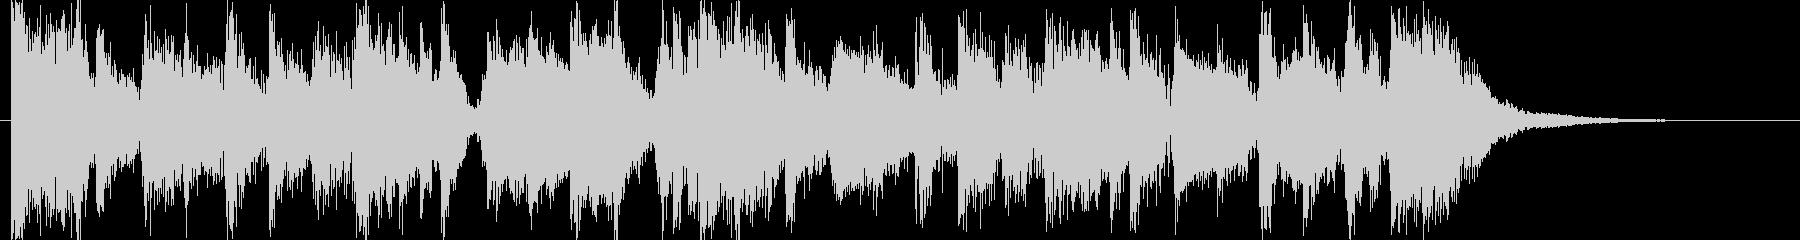 コーナータイトル_ファンキーチャイナの未再生の波形